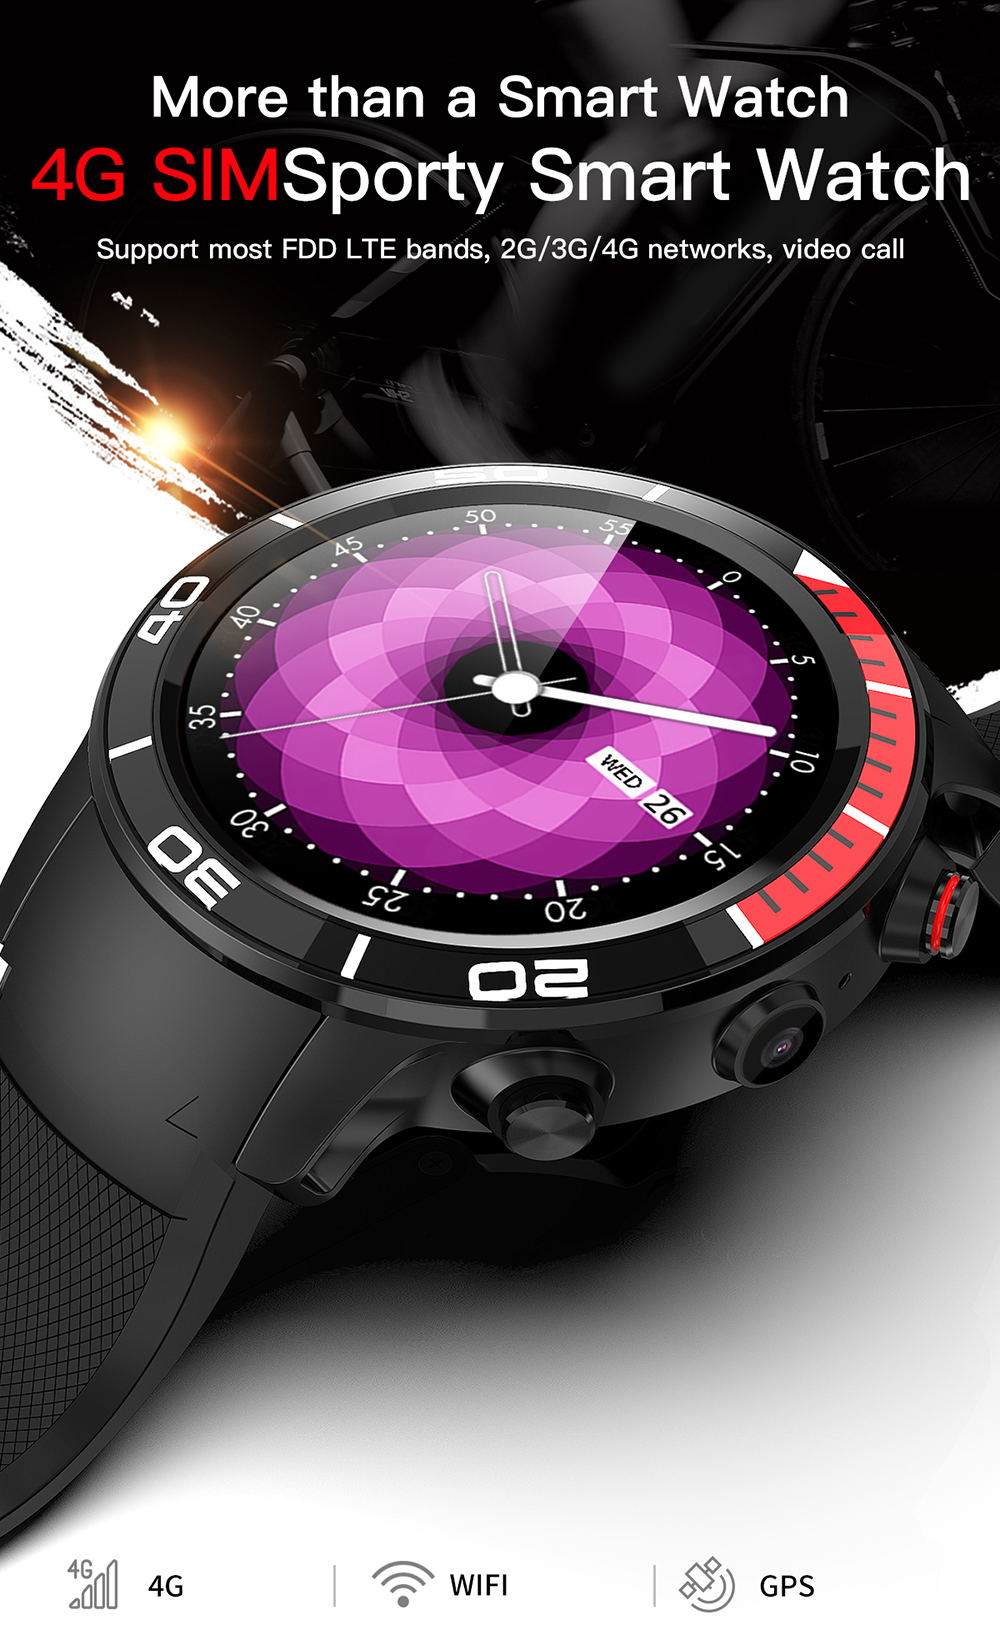 Microwear H8 4G reloj inteligente - un dispositivo necesario para exteriores Microwear-H8-4G-Smartwatch-1